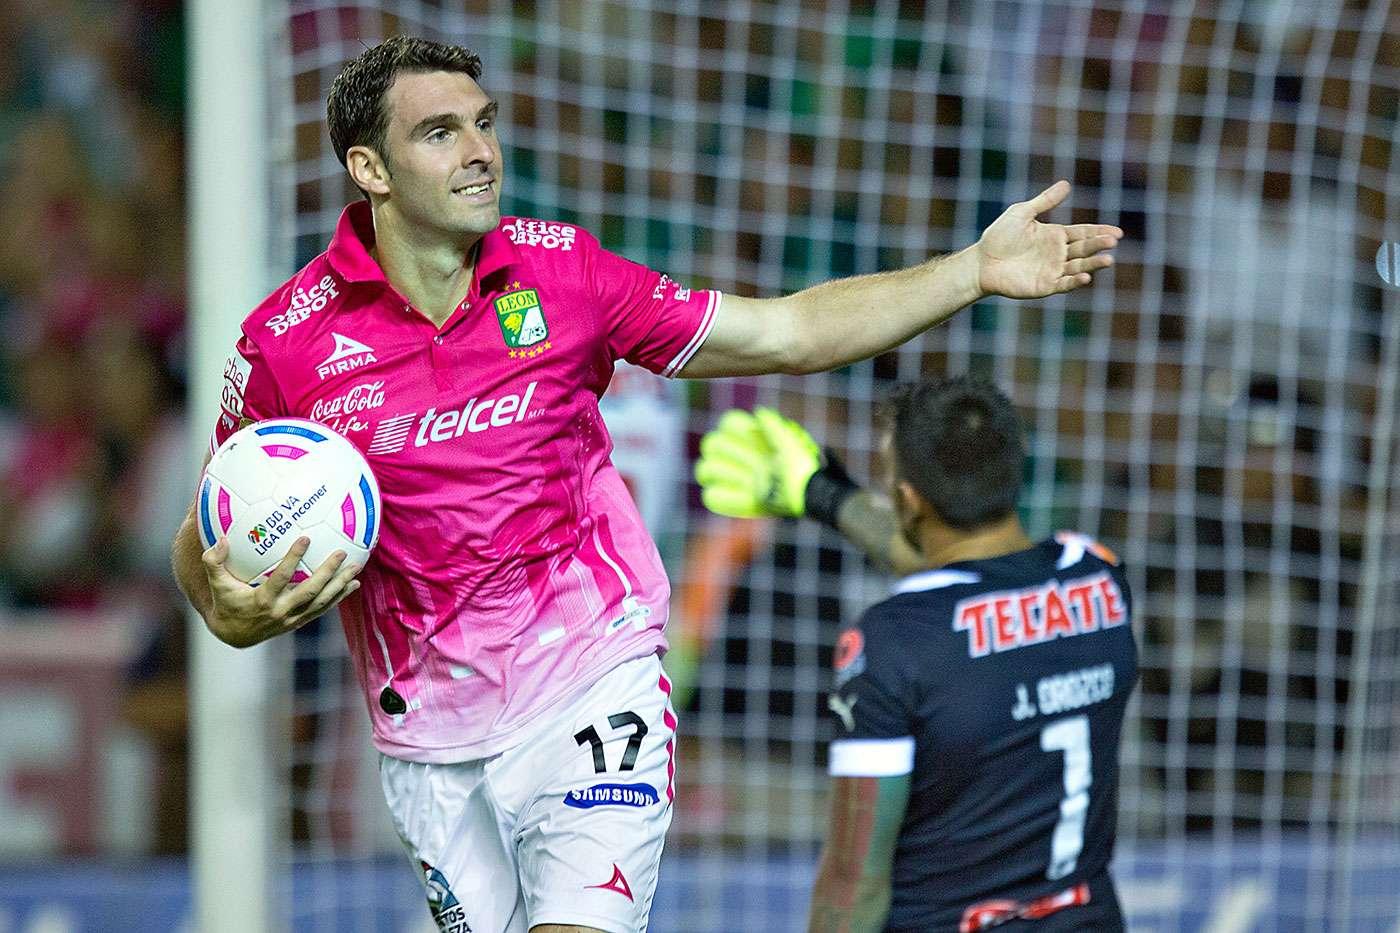 León vs. Monterrey: El argentino Mauro Boselli celebra el gol del empate ante Rayados. Foto: Imago 7